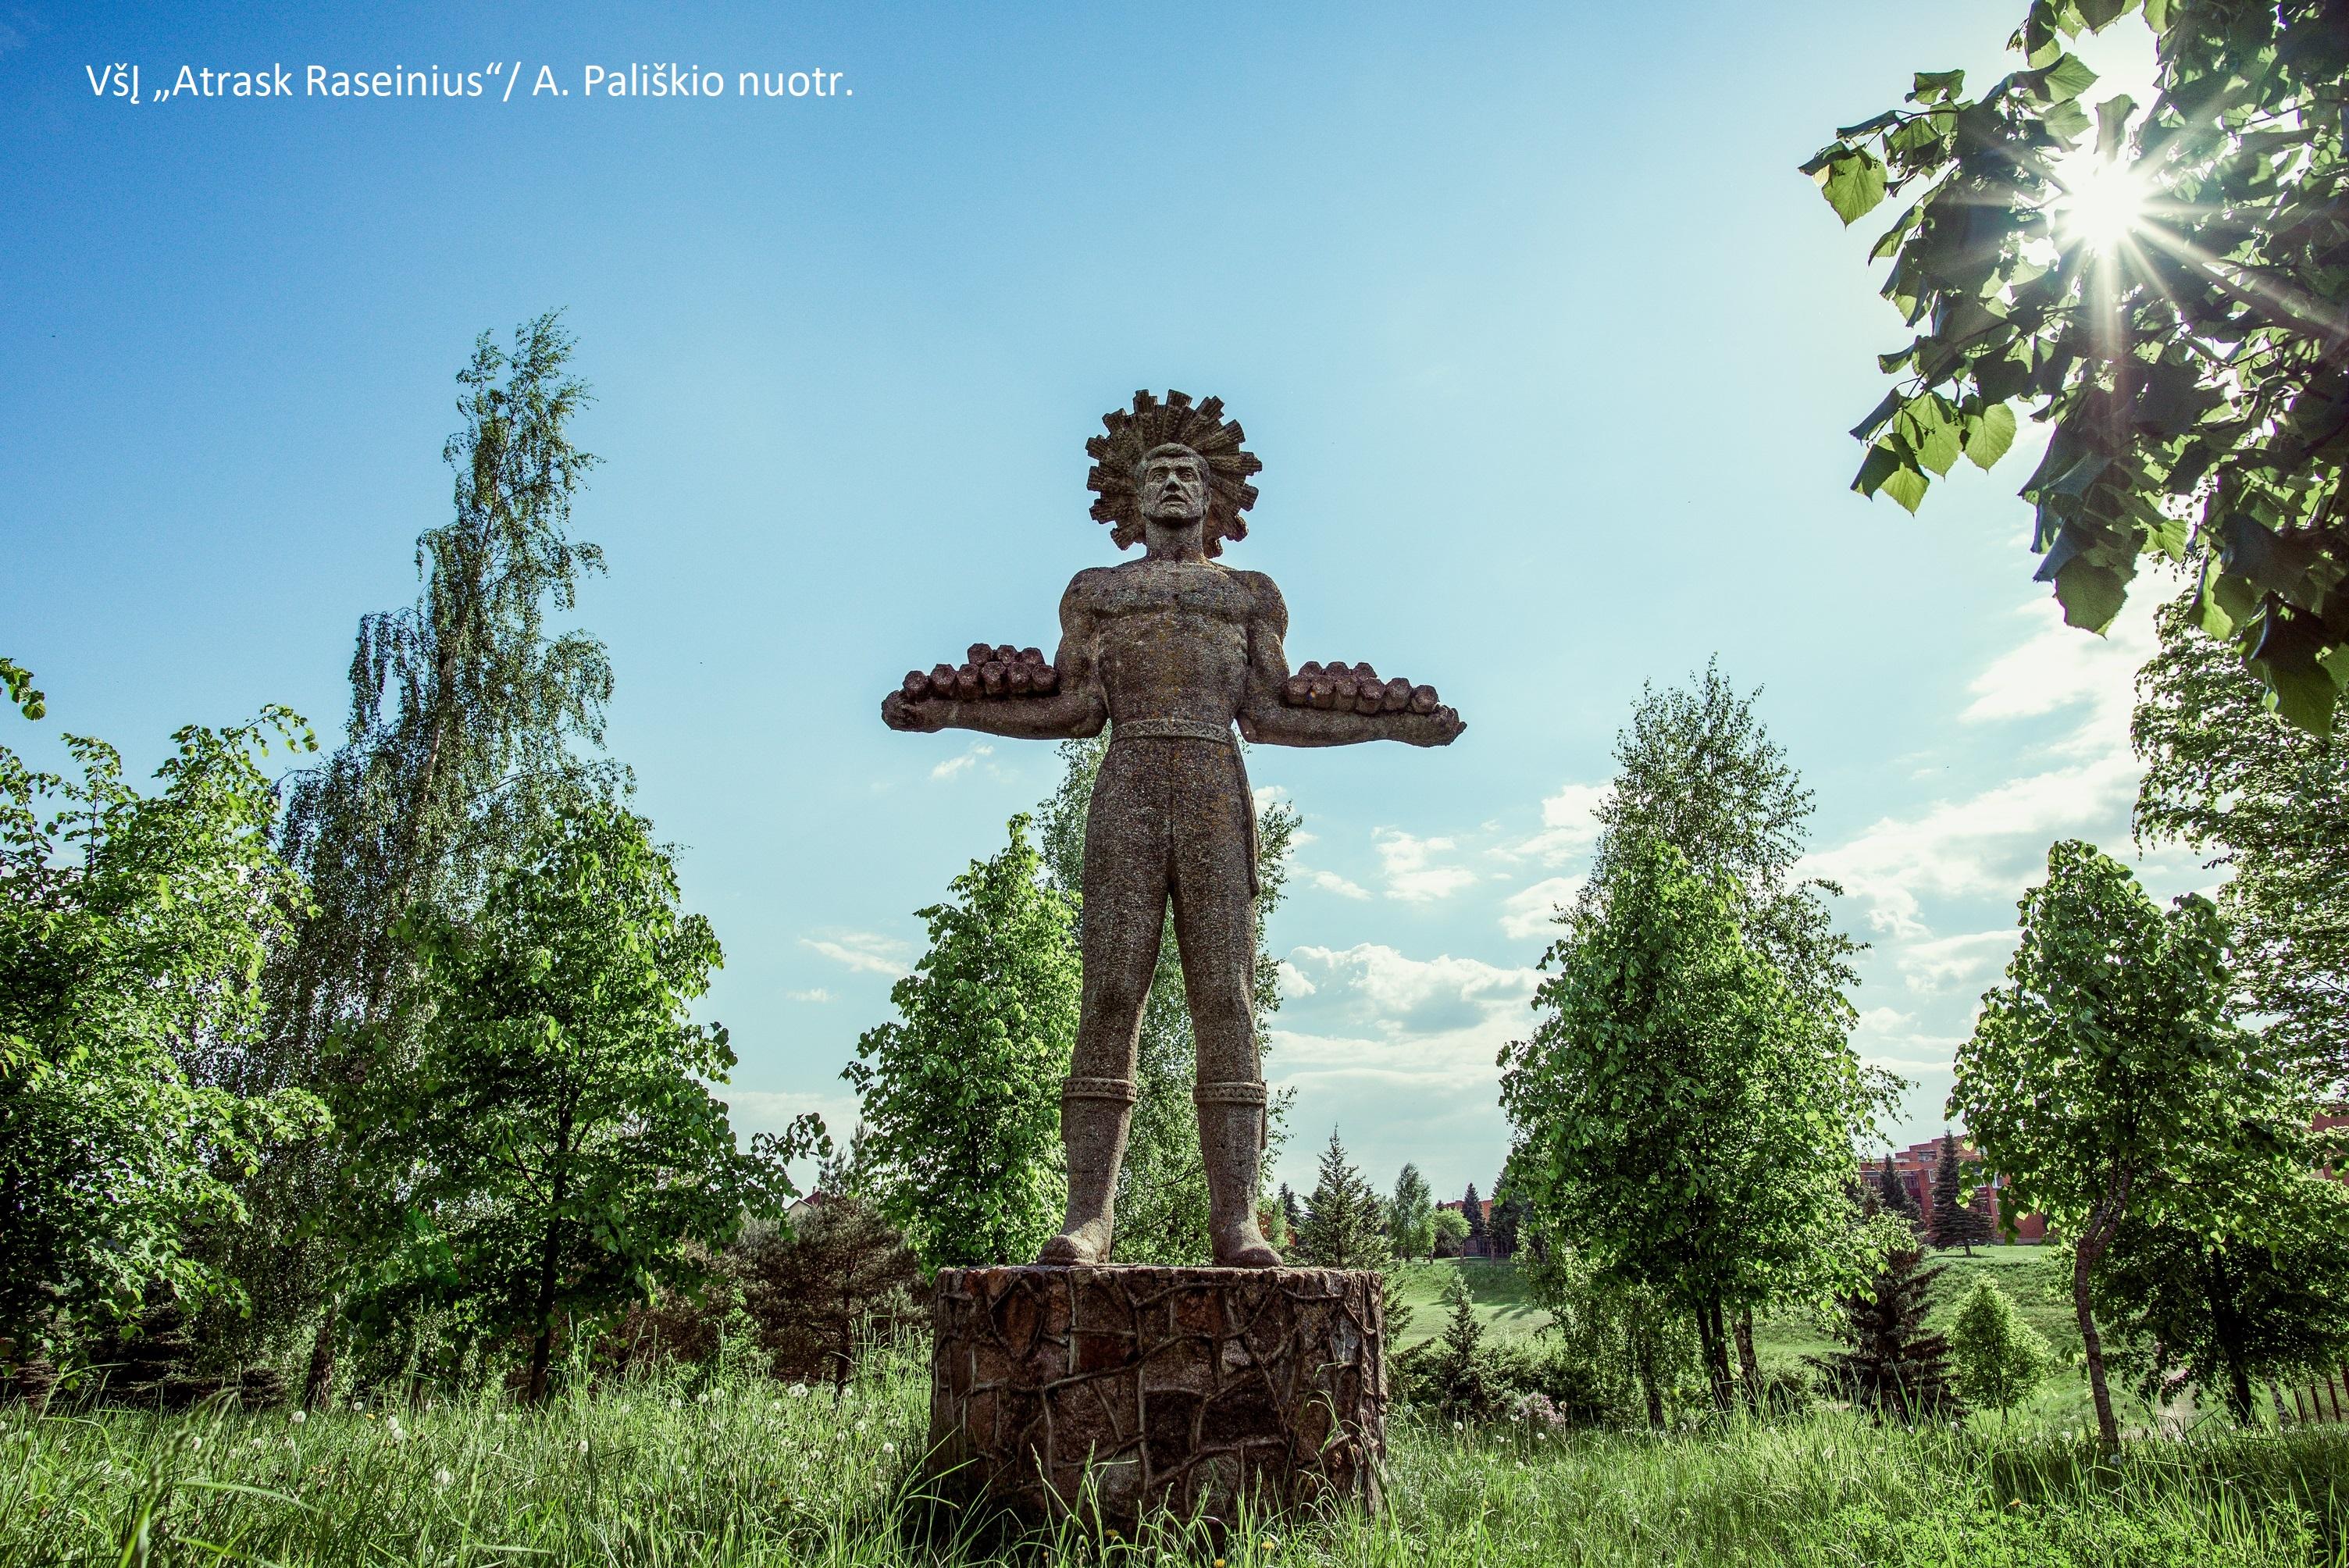 rsz skulptūra melioratorius naujas obj 1